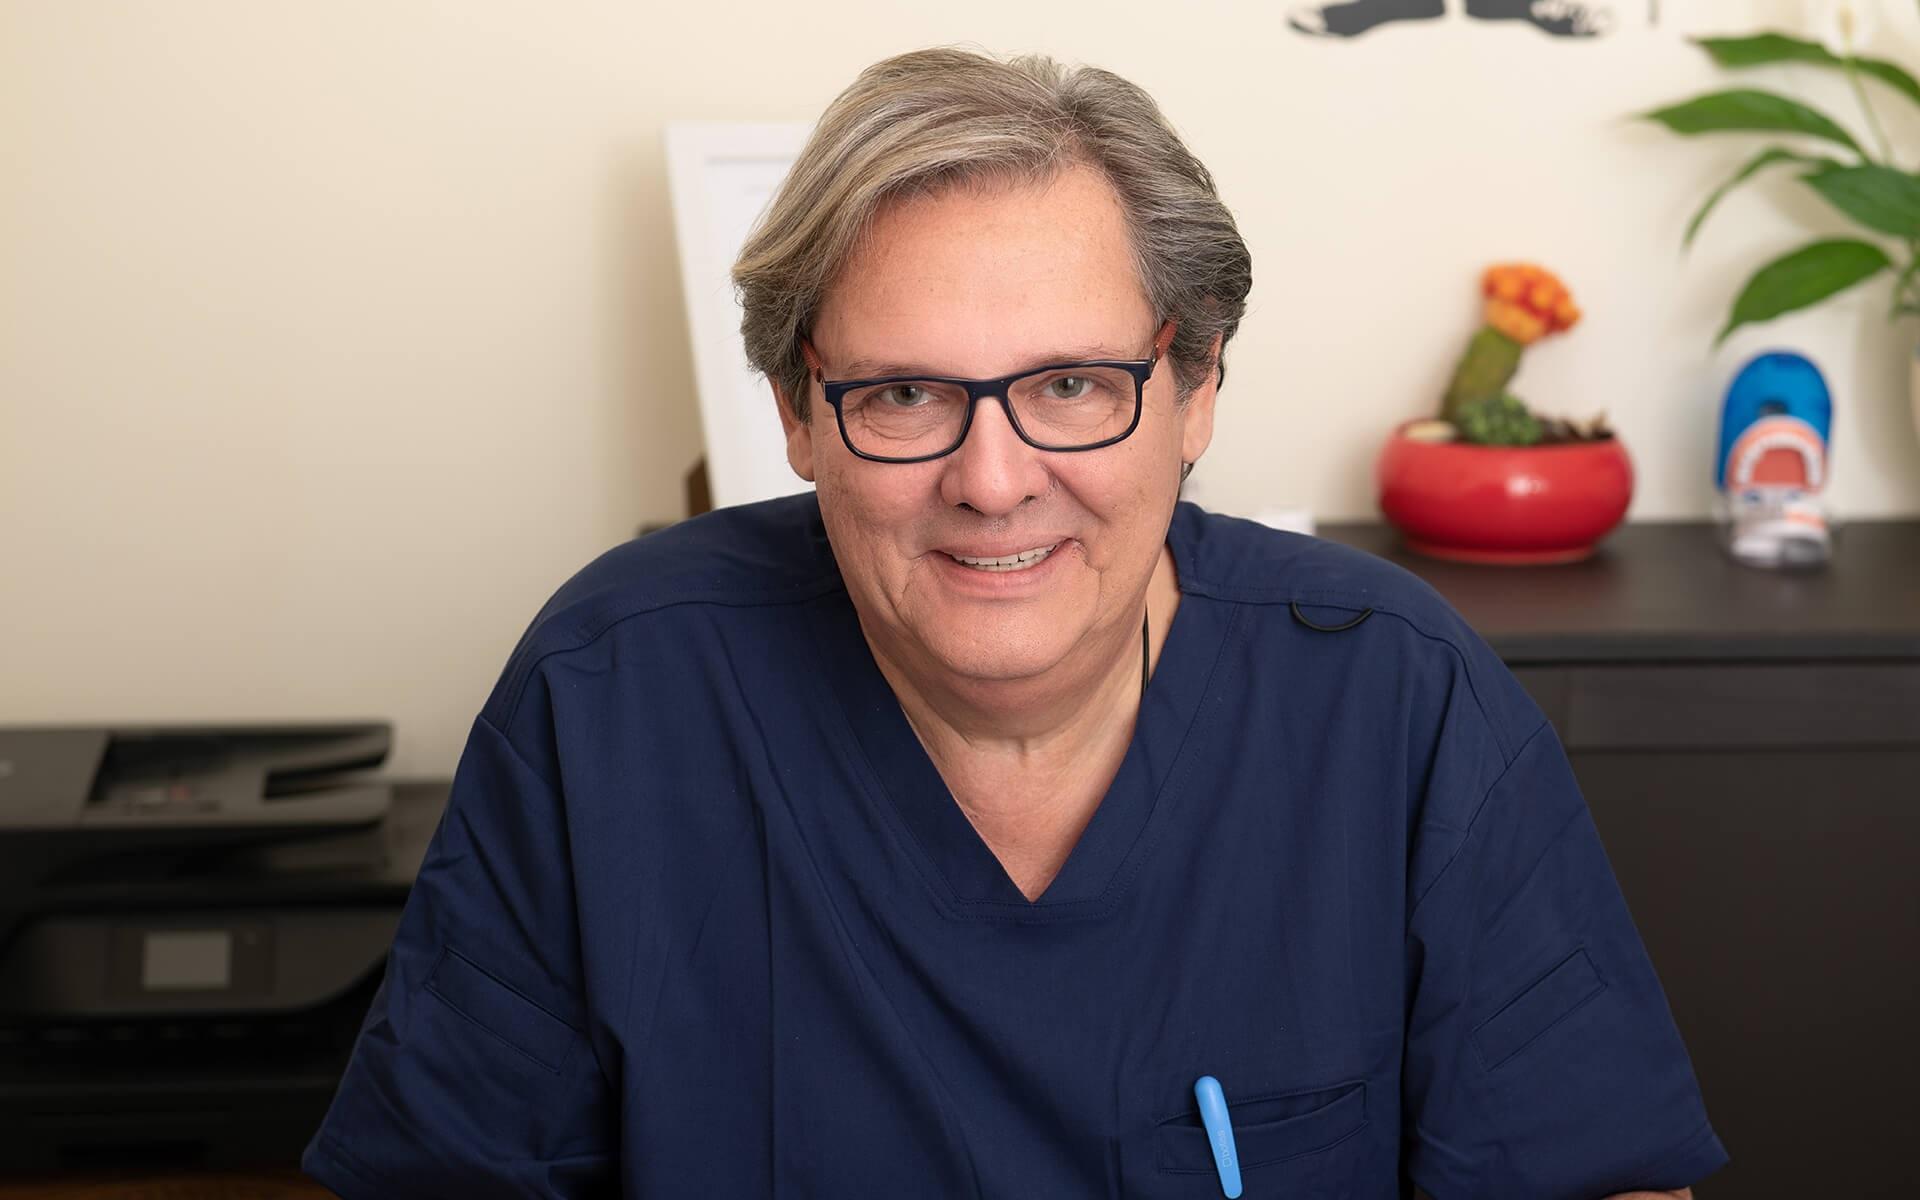 """המלצה חמה: ד""""ר דני כץ, רופא שינייםבעל תואר ד""""ר למדעי הרפואה בתחום ההשתלות, בעל ותק ומוניטין של 36 שנים"""